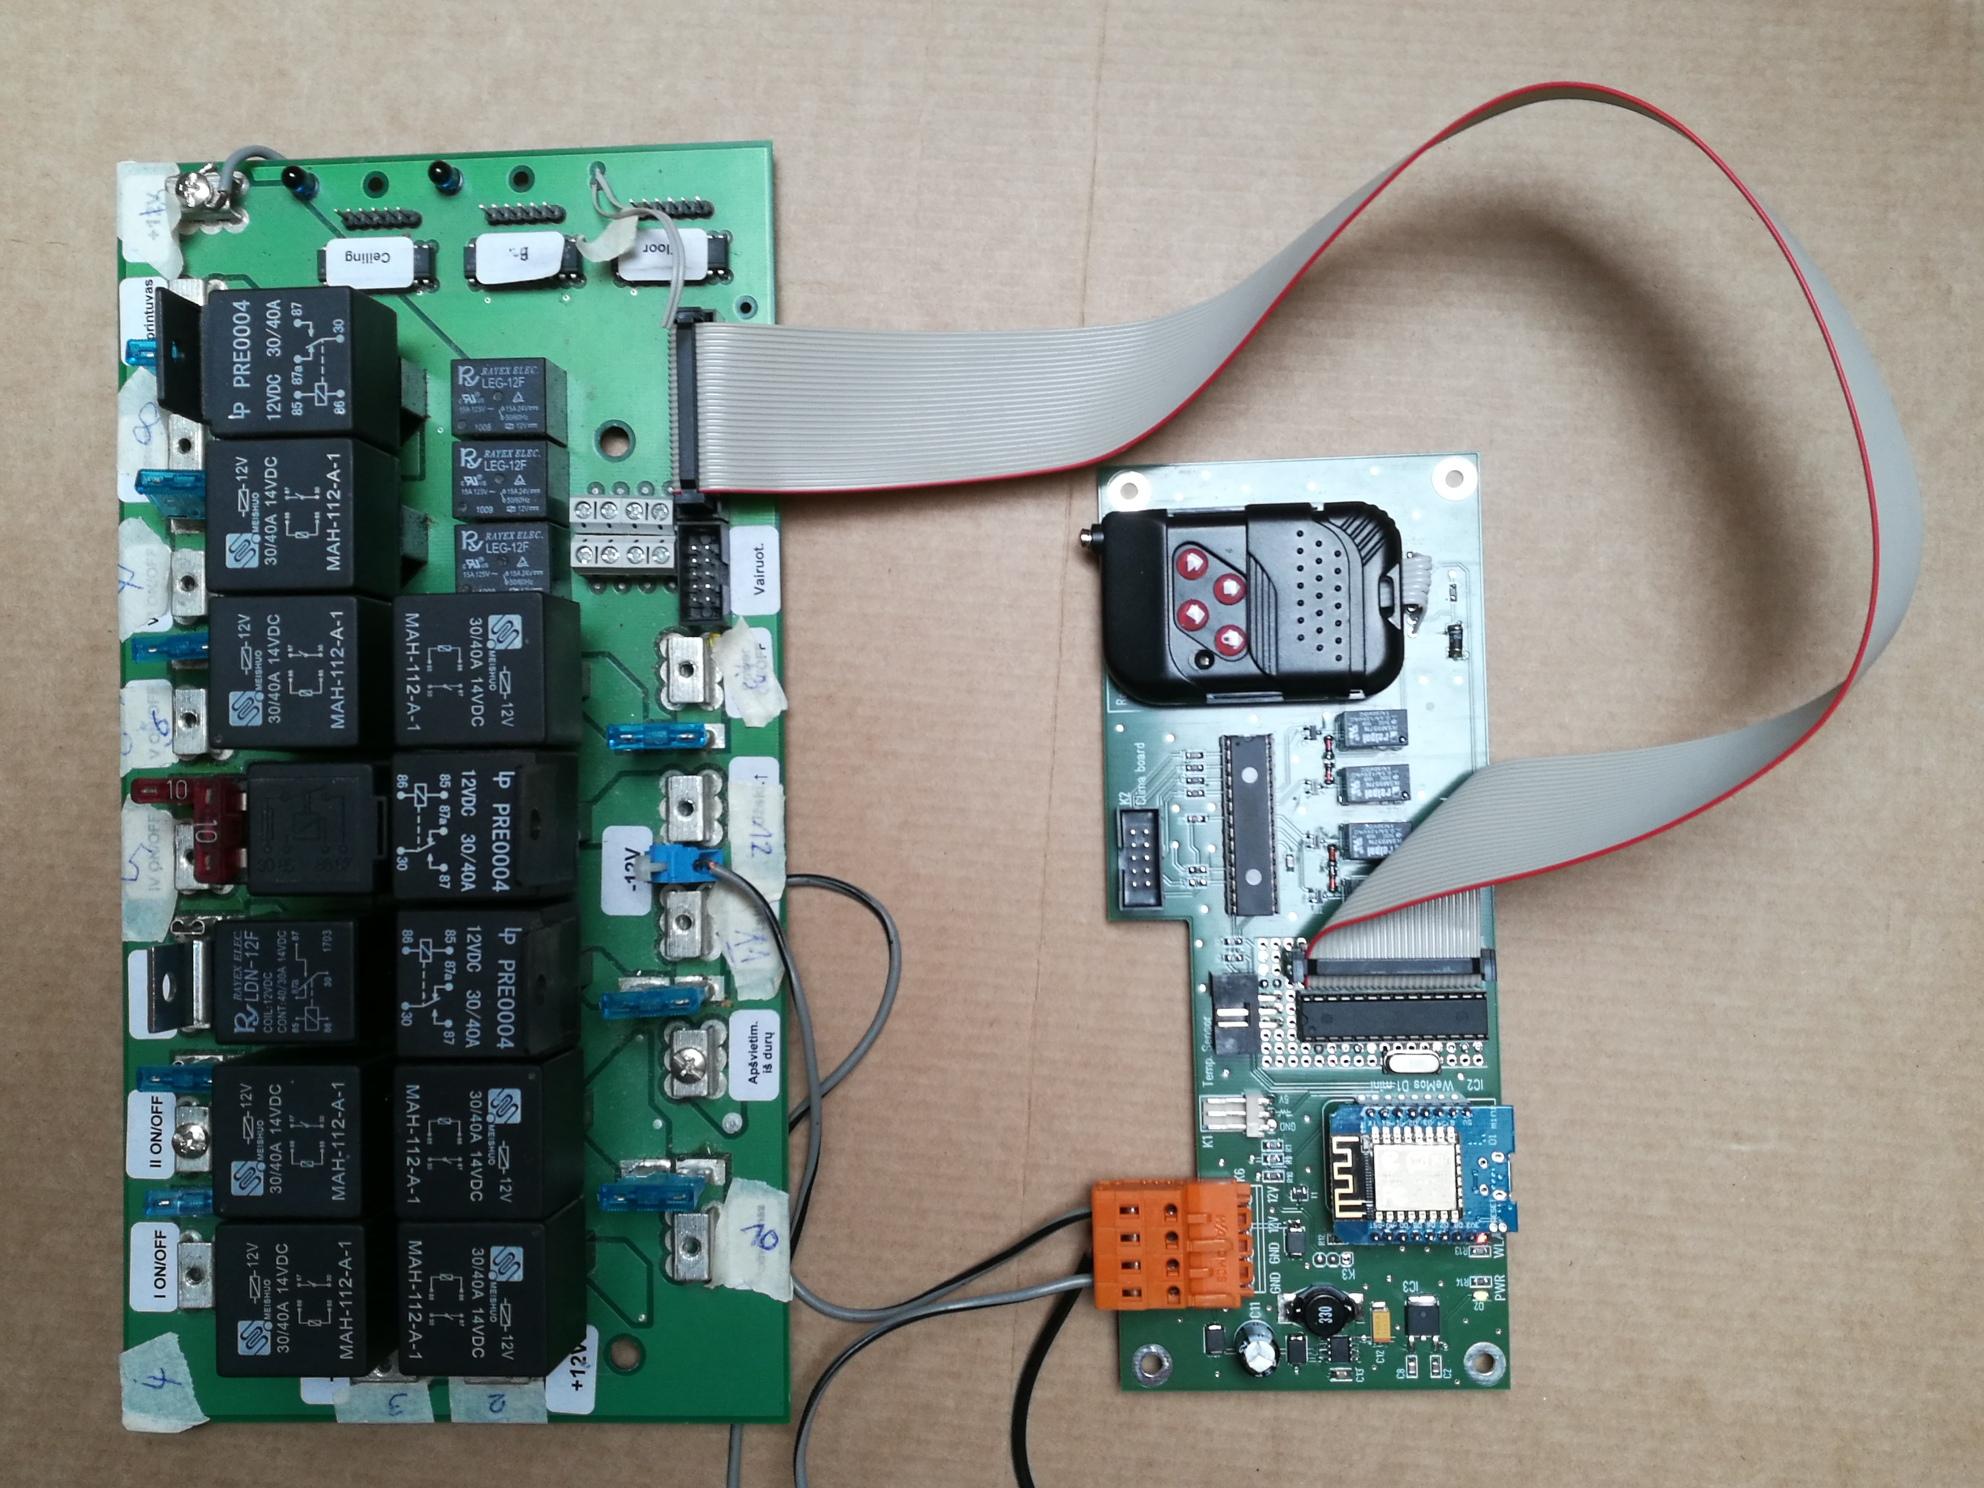 Controlboard mit angeschlossener Relaisplatine